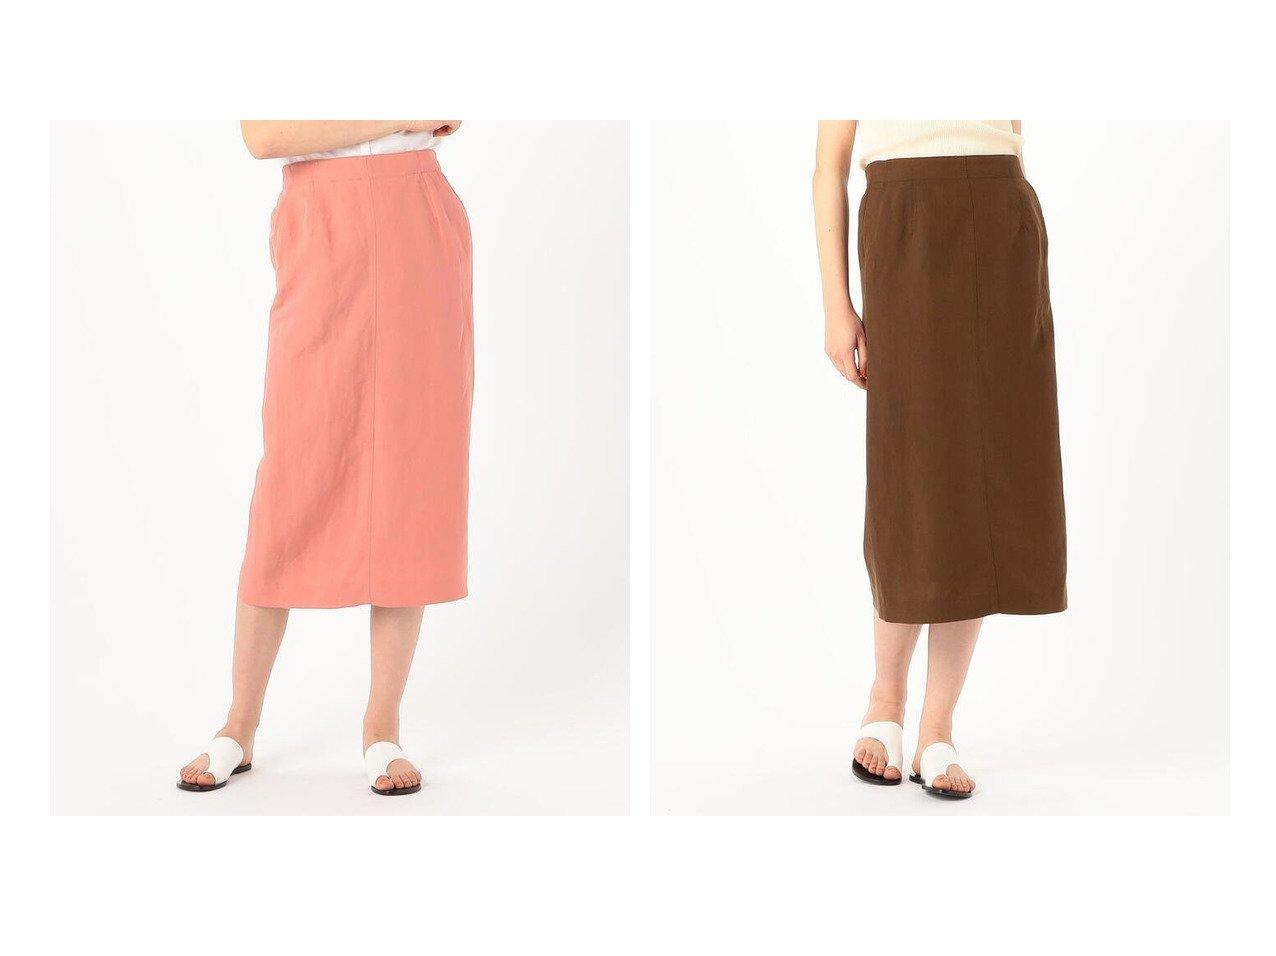 【TOMORROWLAND BALLSEY/トゥモローランド ボールジー】のセルロースリネン Iラインミディスカート 【スカート】おすすめ!人気、トレンド・レディースファッションの通販 おすすめで人気の流行・トレンド、ファッションの通販商品 インテリア・家具・メンズファッション・キッズファッション・レディースファッション・服の通販 founy(ファニー) https://founy.com/ ファッション Fashion レディースファッション WOMEN スカート Skirt 2021年 2021 2021春夏・S/S SS/Spring/Summer/2021 S/S・春夏 SS・Spring/Summer おすすめ Recommend イタリア エレガント タイトスカート ベーシック リネン 再入荷 Restock/Back in Stock/Re Arrival |ID:crp329100000045139